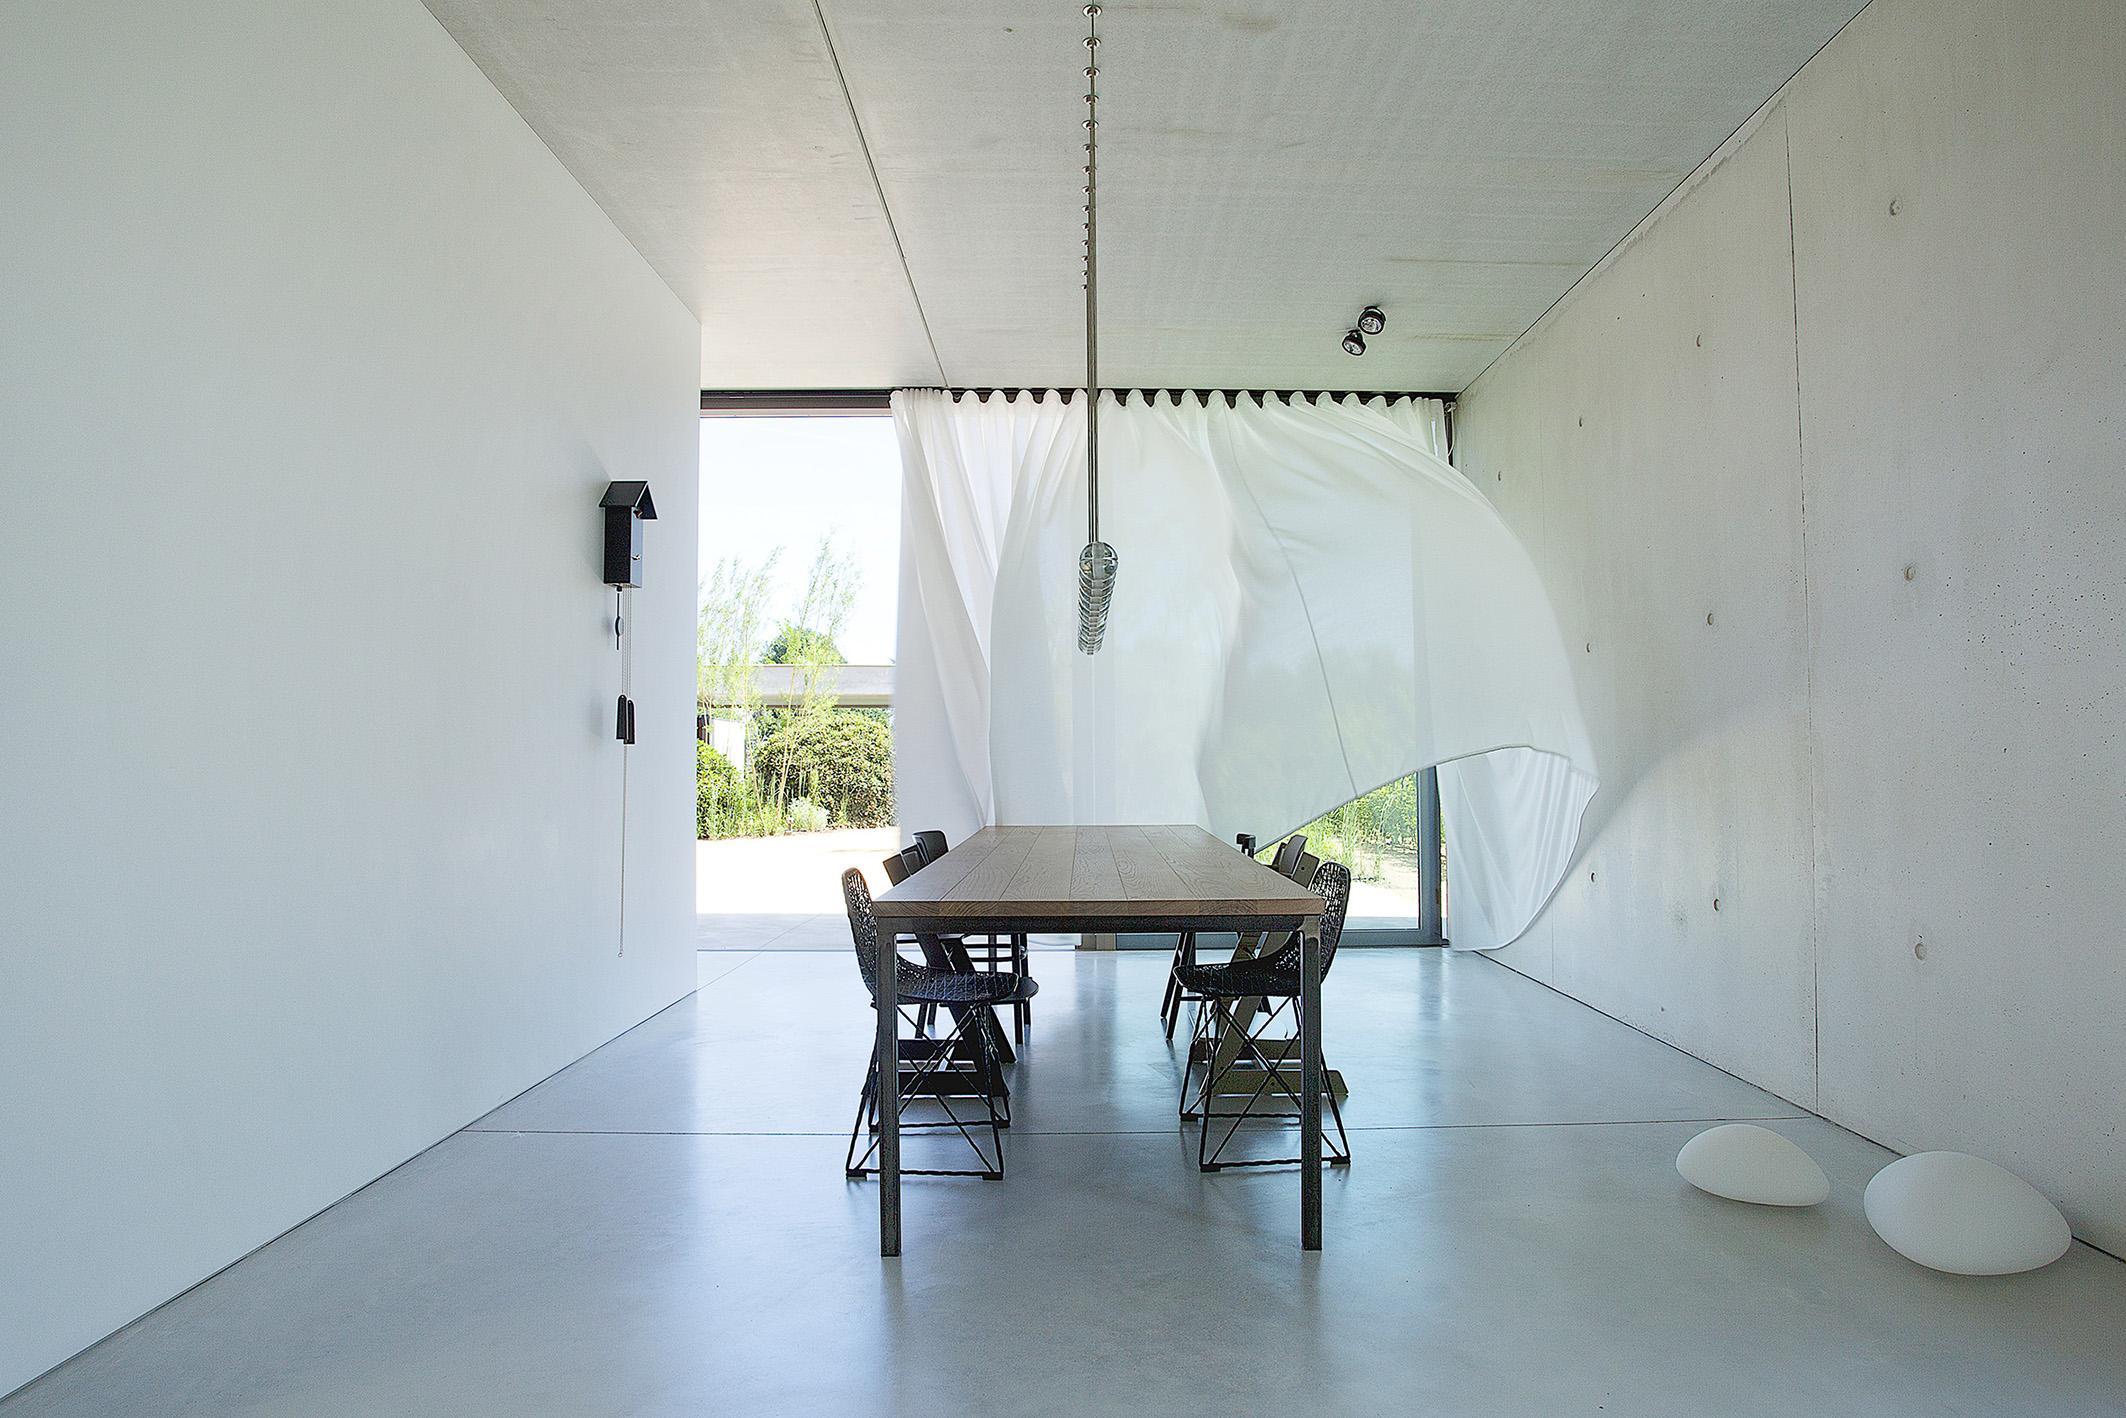 architecte_inge_clauwers_photo_caroline_dethier_int_20.jpg